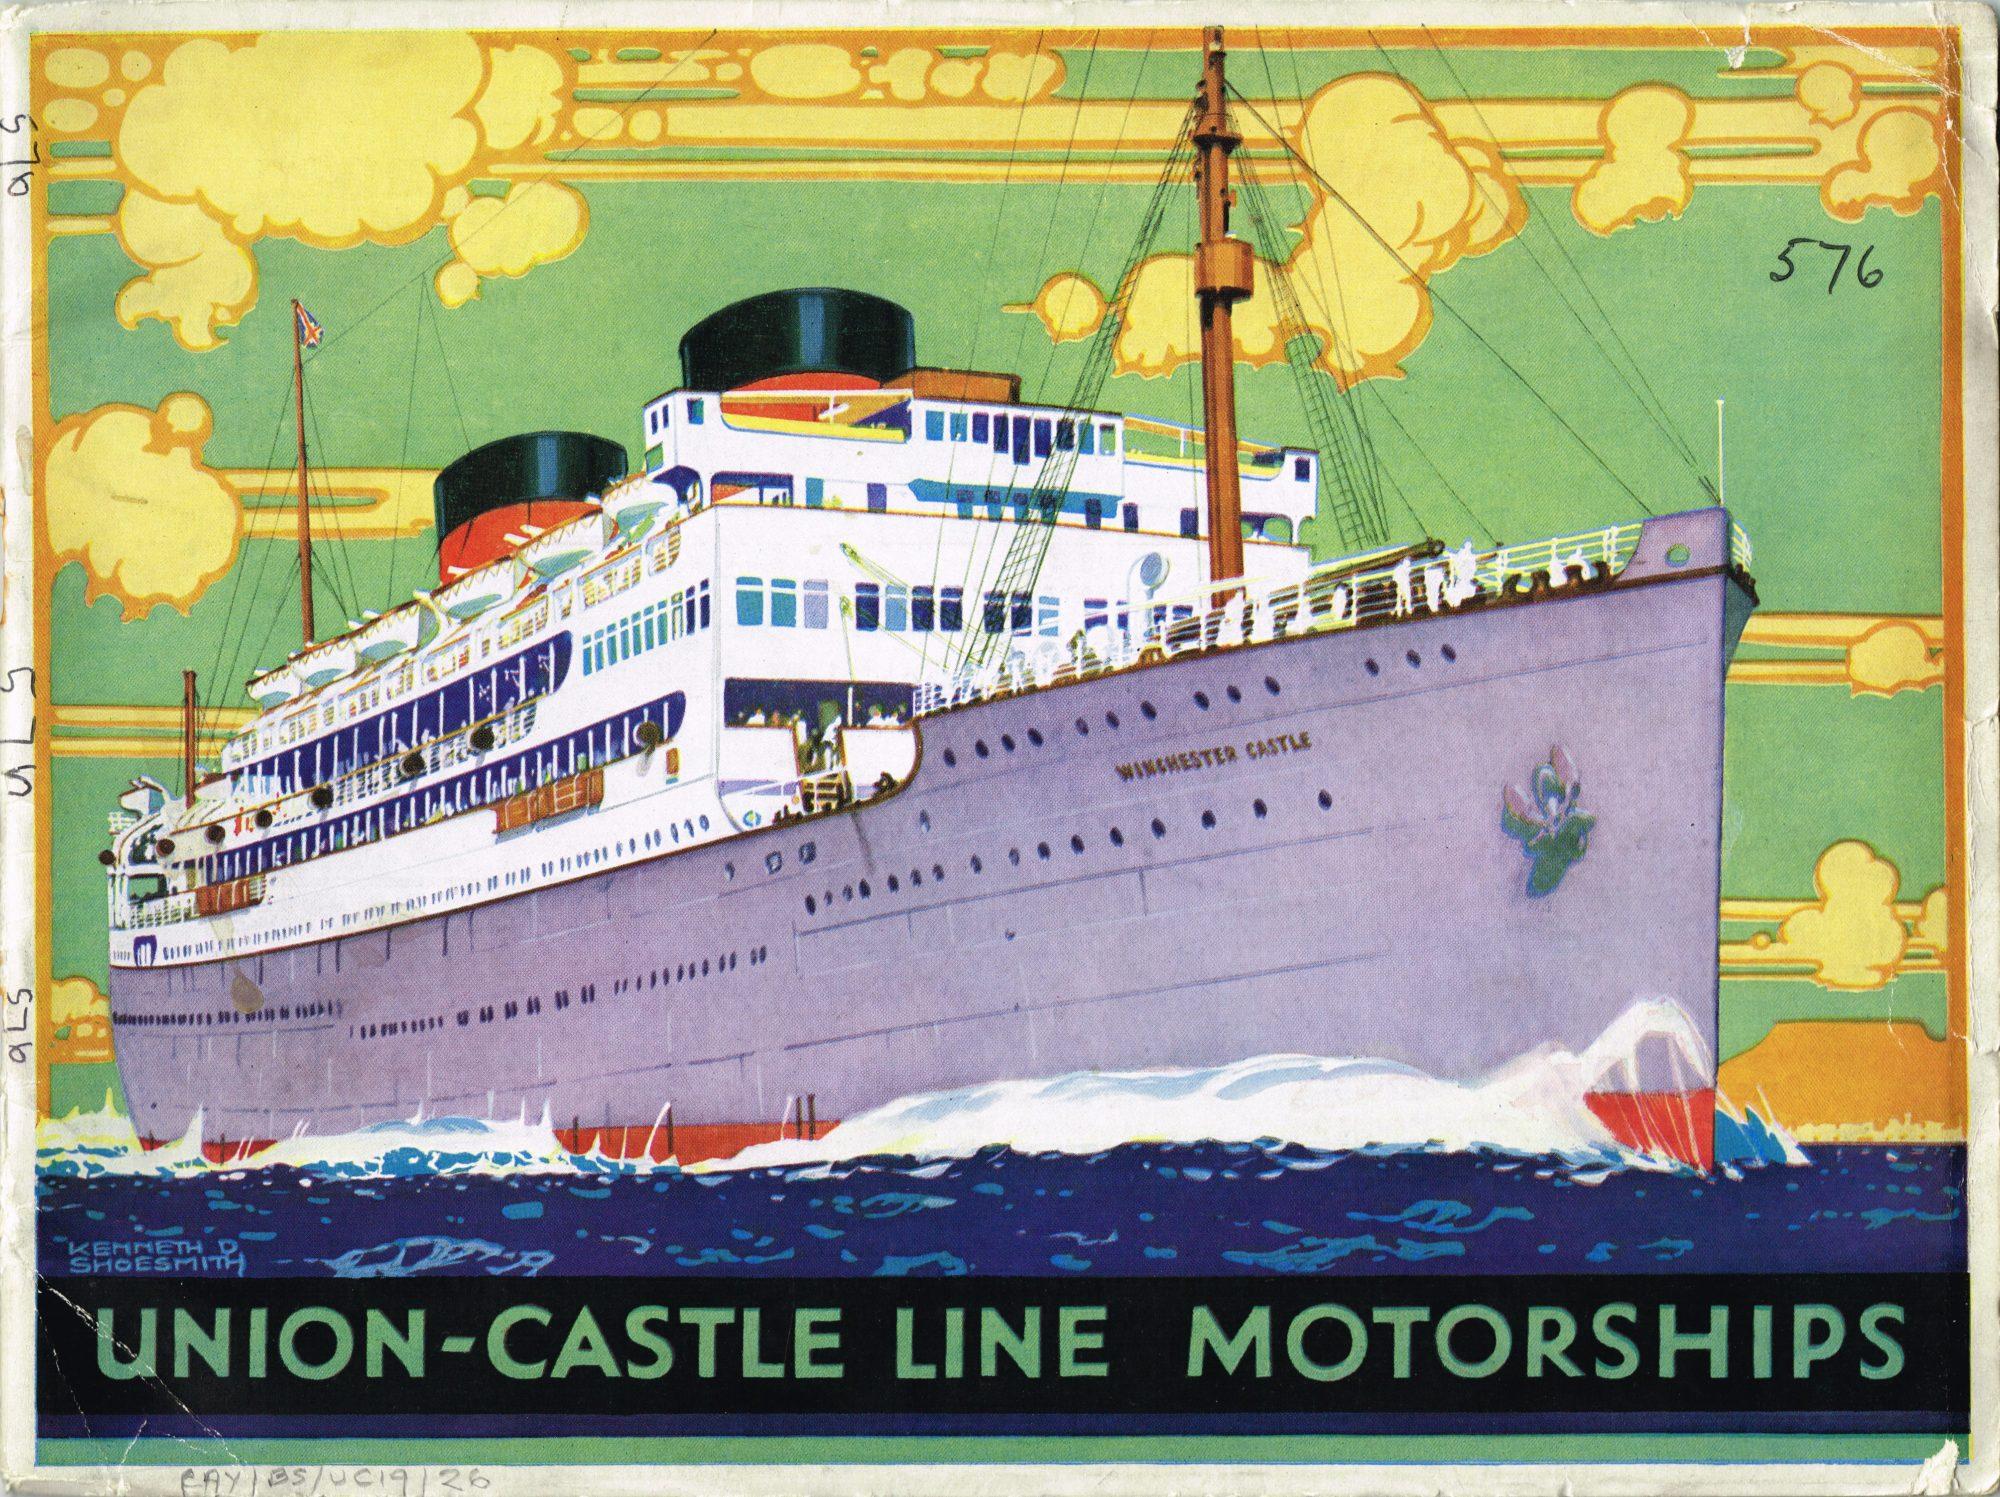 Colour front cover of Union-Castle Mailships brochure 1930